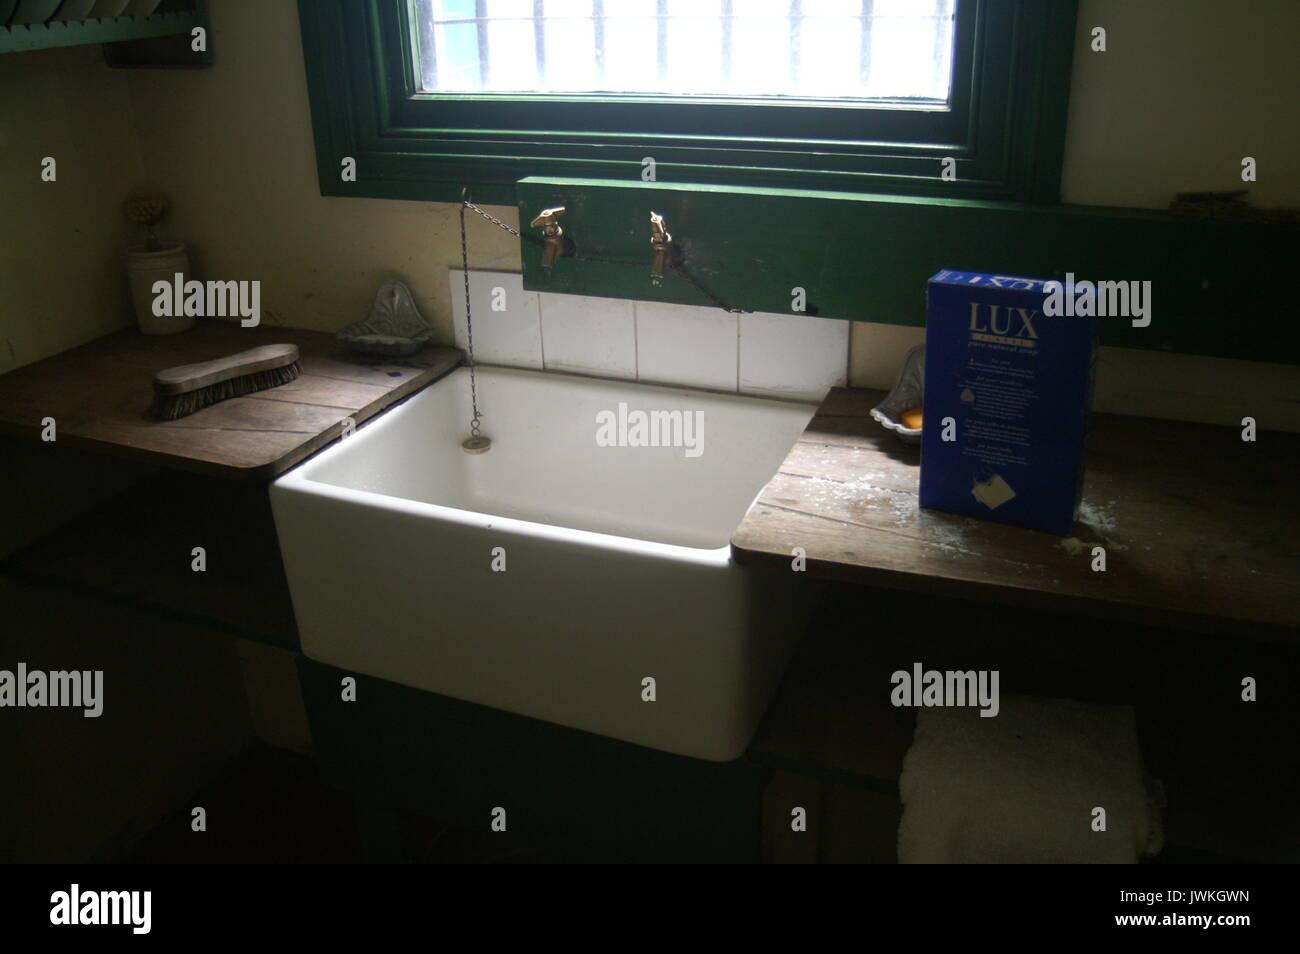 Victorian kitchen Belfast Sink Stock Photo: 153479697 - Alamy